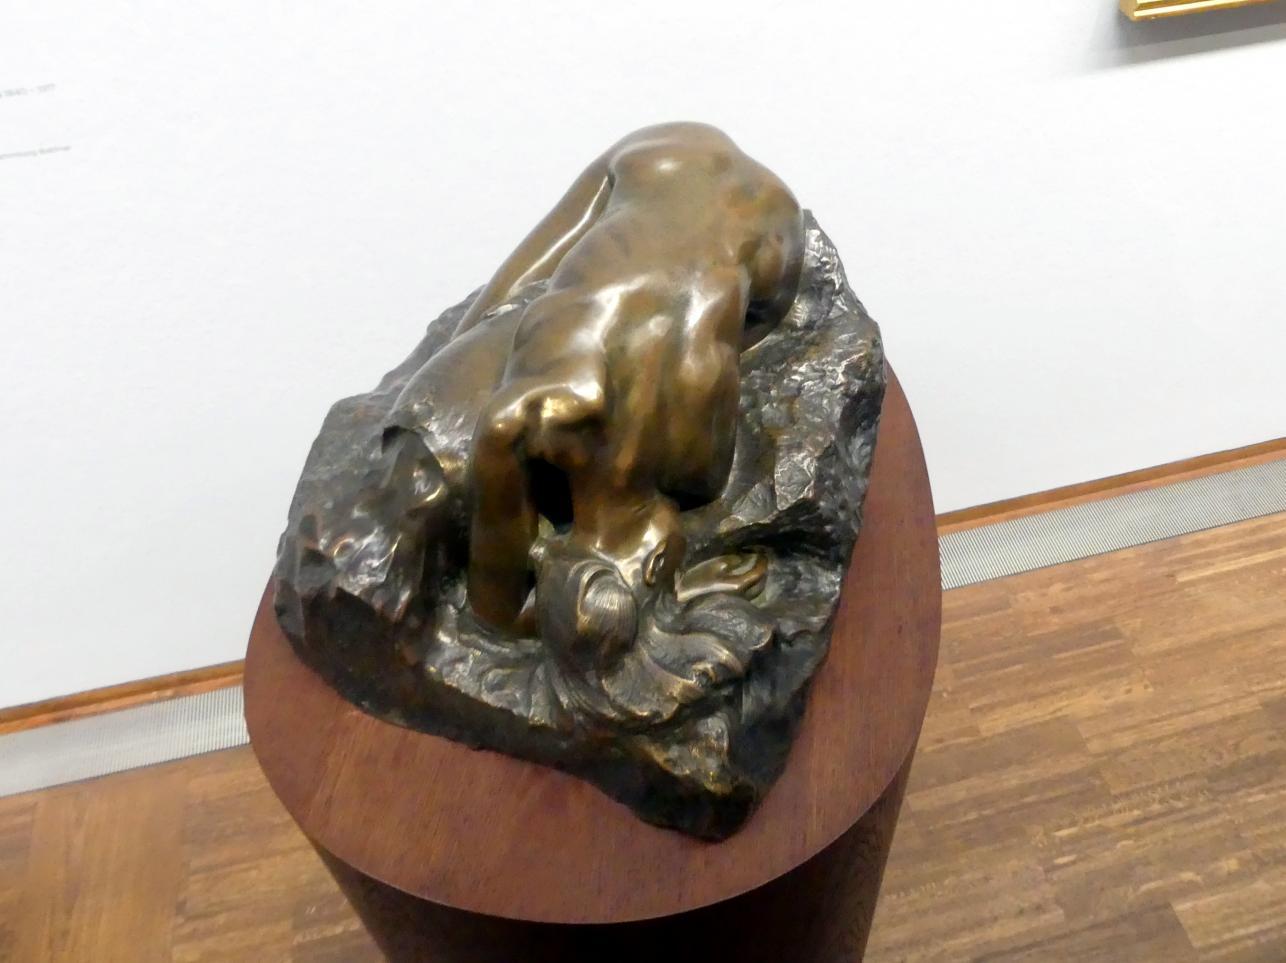 Auguste Rodin: Danaide, 1895 - 1900